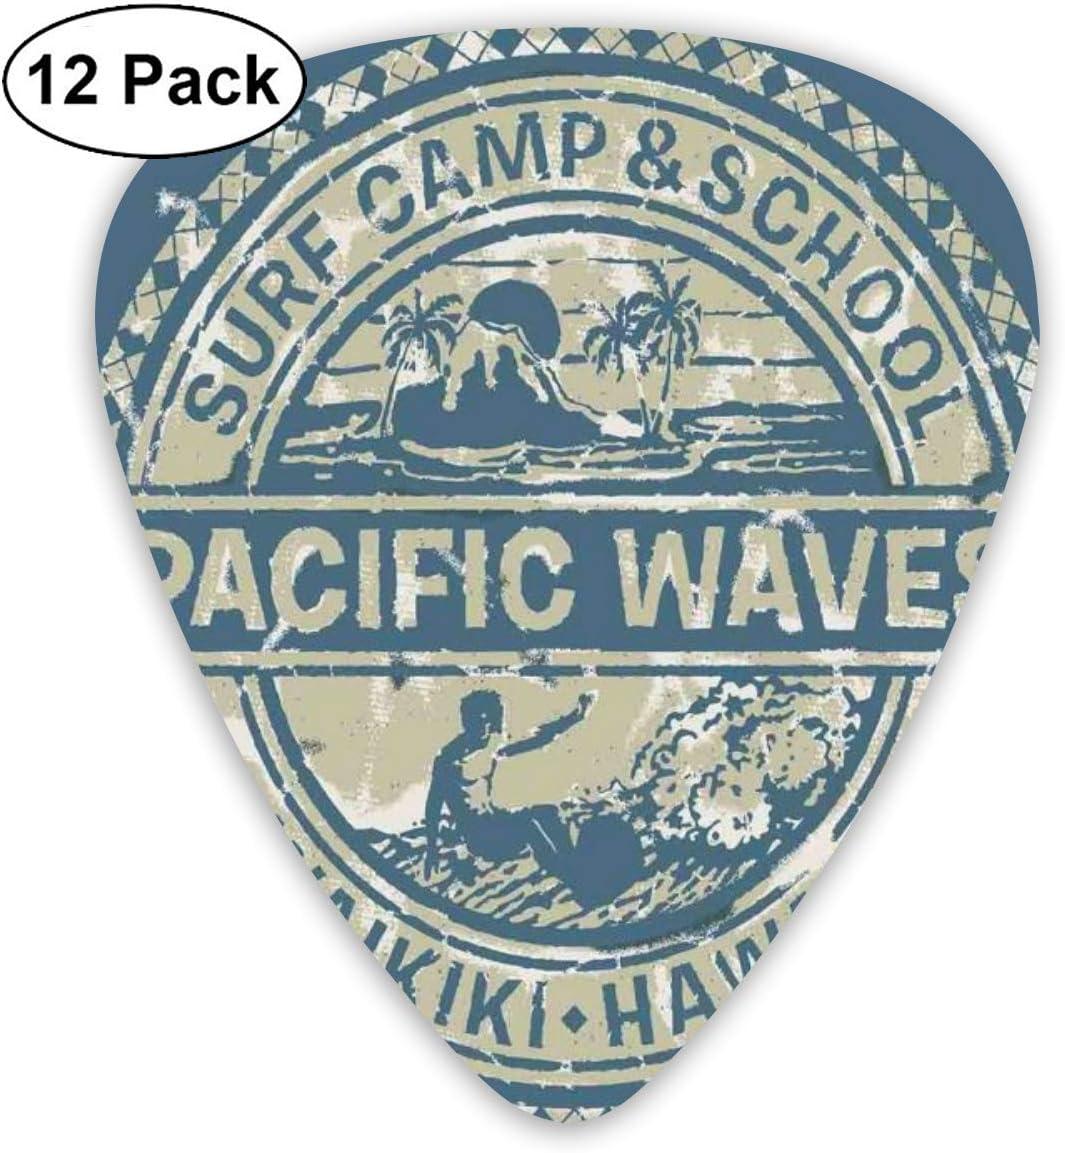 Elecciones de guitarra Pacific Waves Surf Camp School Hawaii Logo Motif Artsy Effects Design, para bajo Guitarras eléctricas-12 Pack